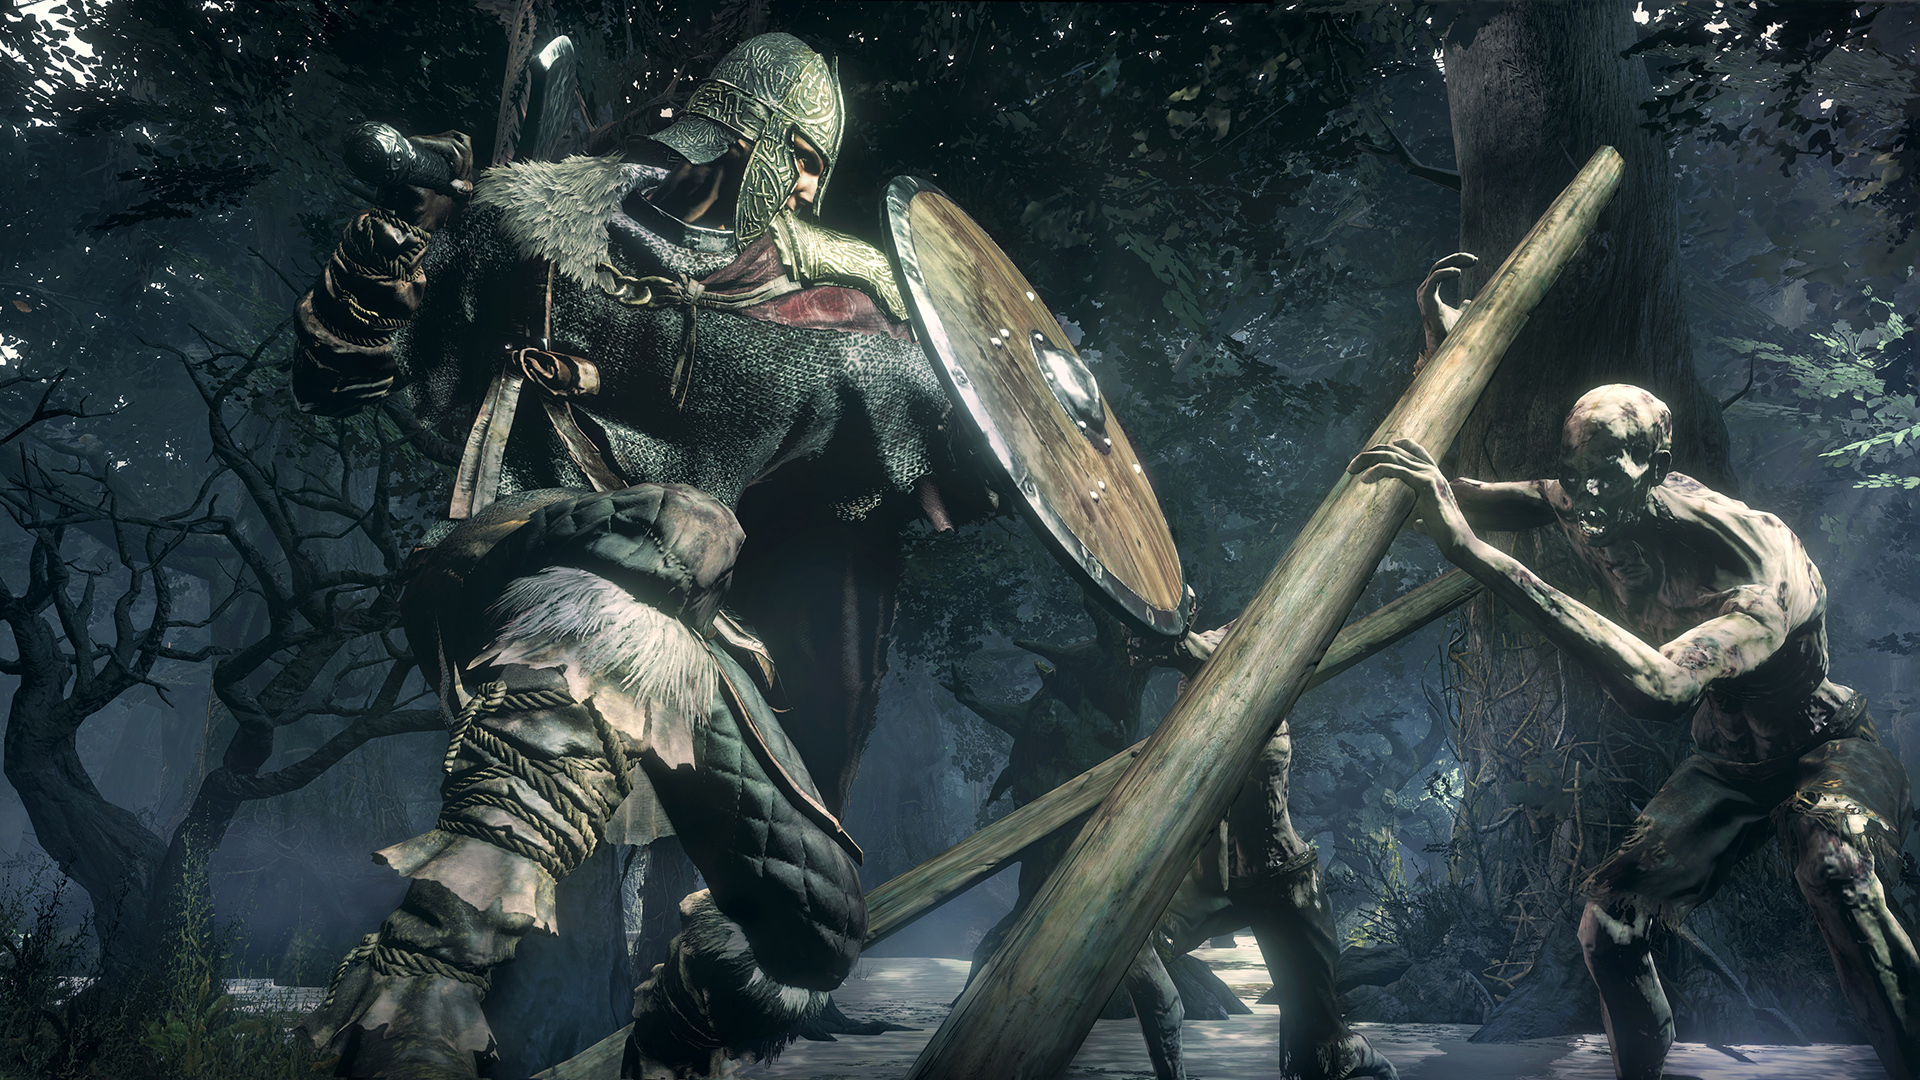 Nové obrázky a artworky z Dark Souls 3 114970